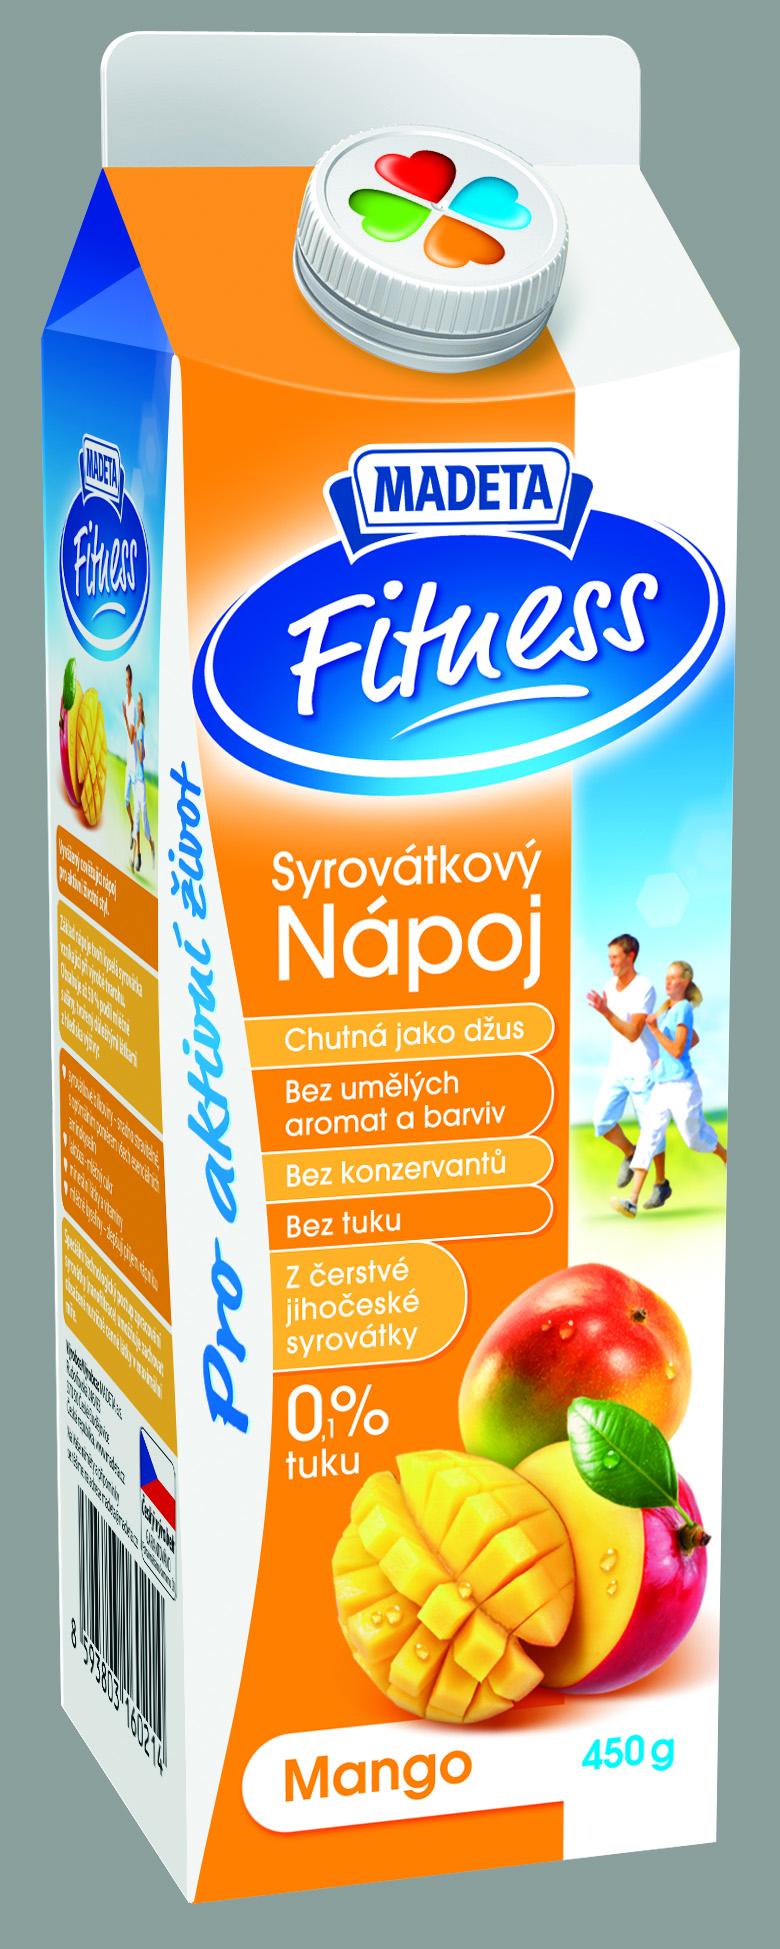 Značka Syrovátkový nápoj mango